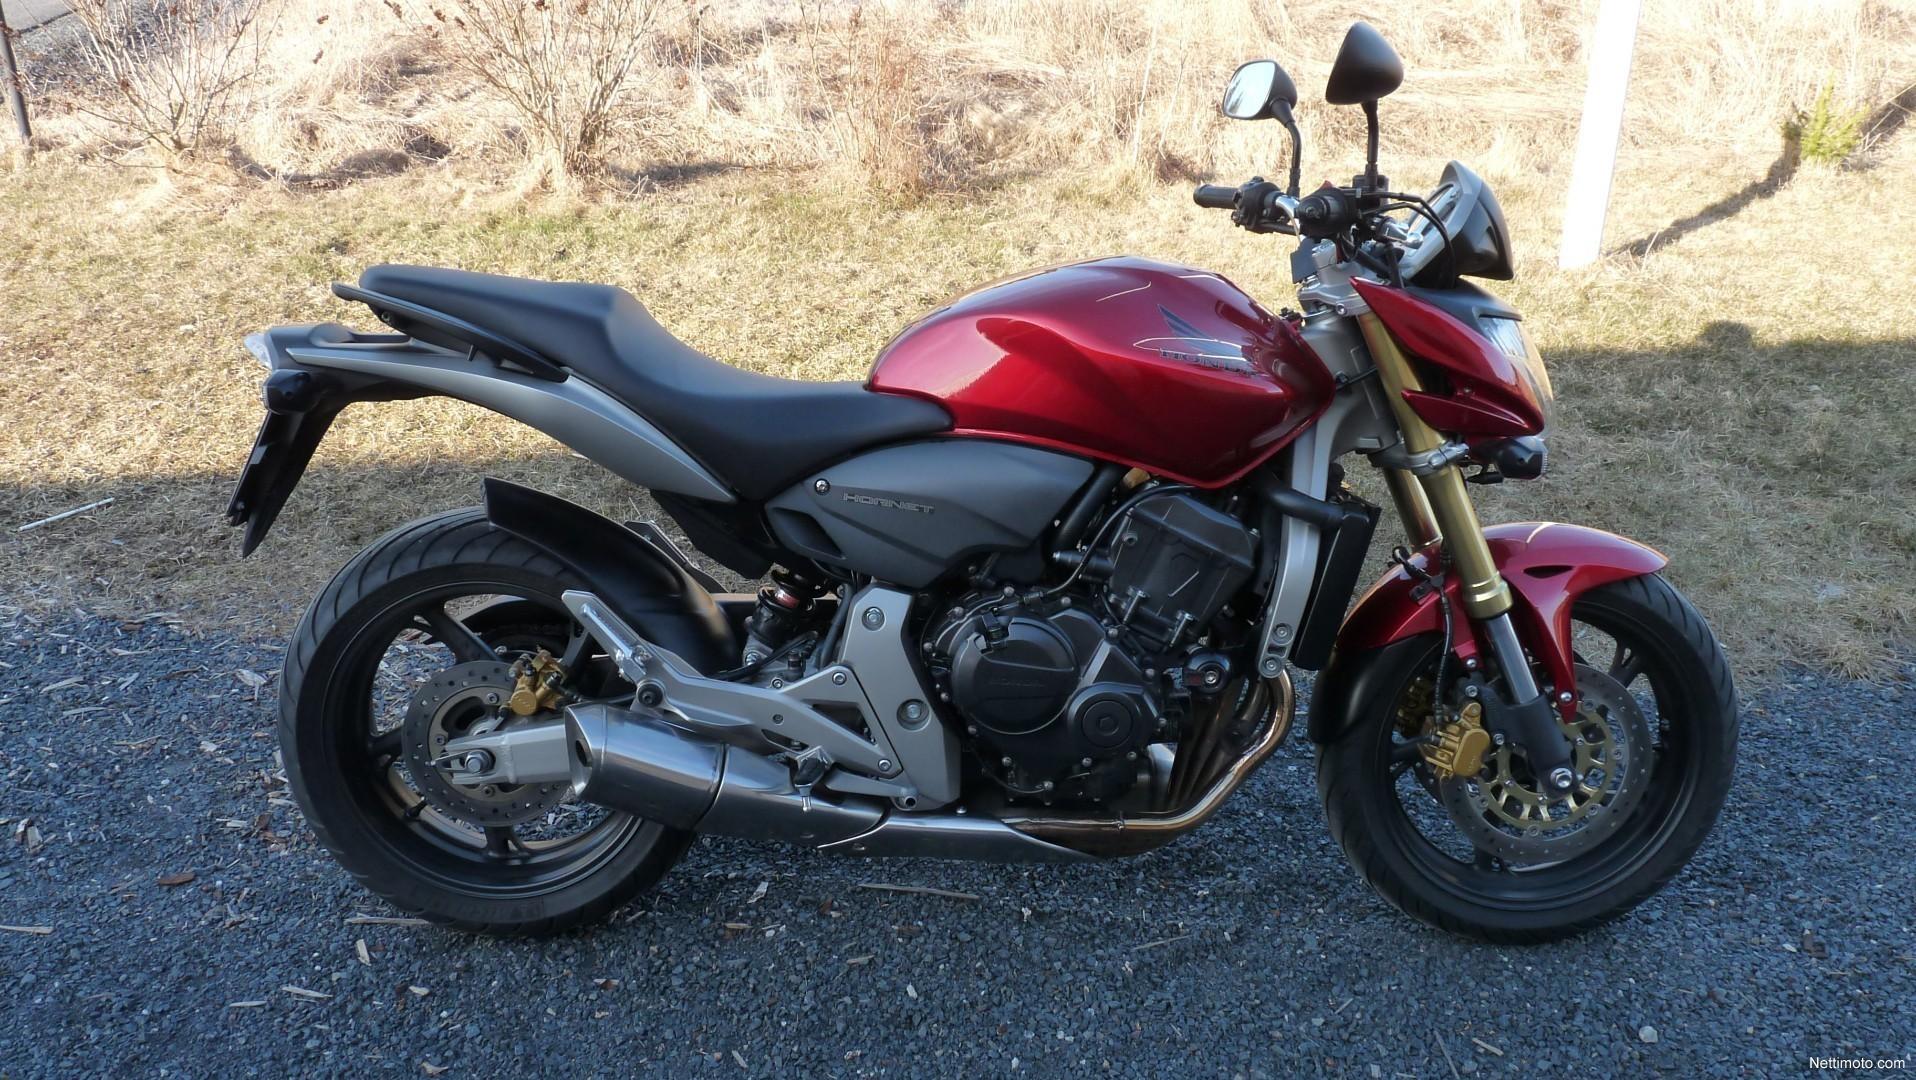 Honda CB 600 Hornet (2008) - MotorcycleSpecifications.com